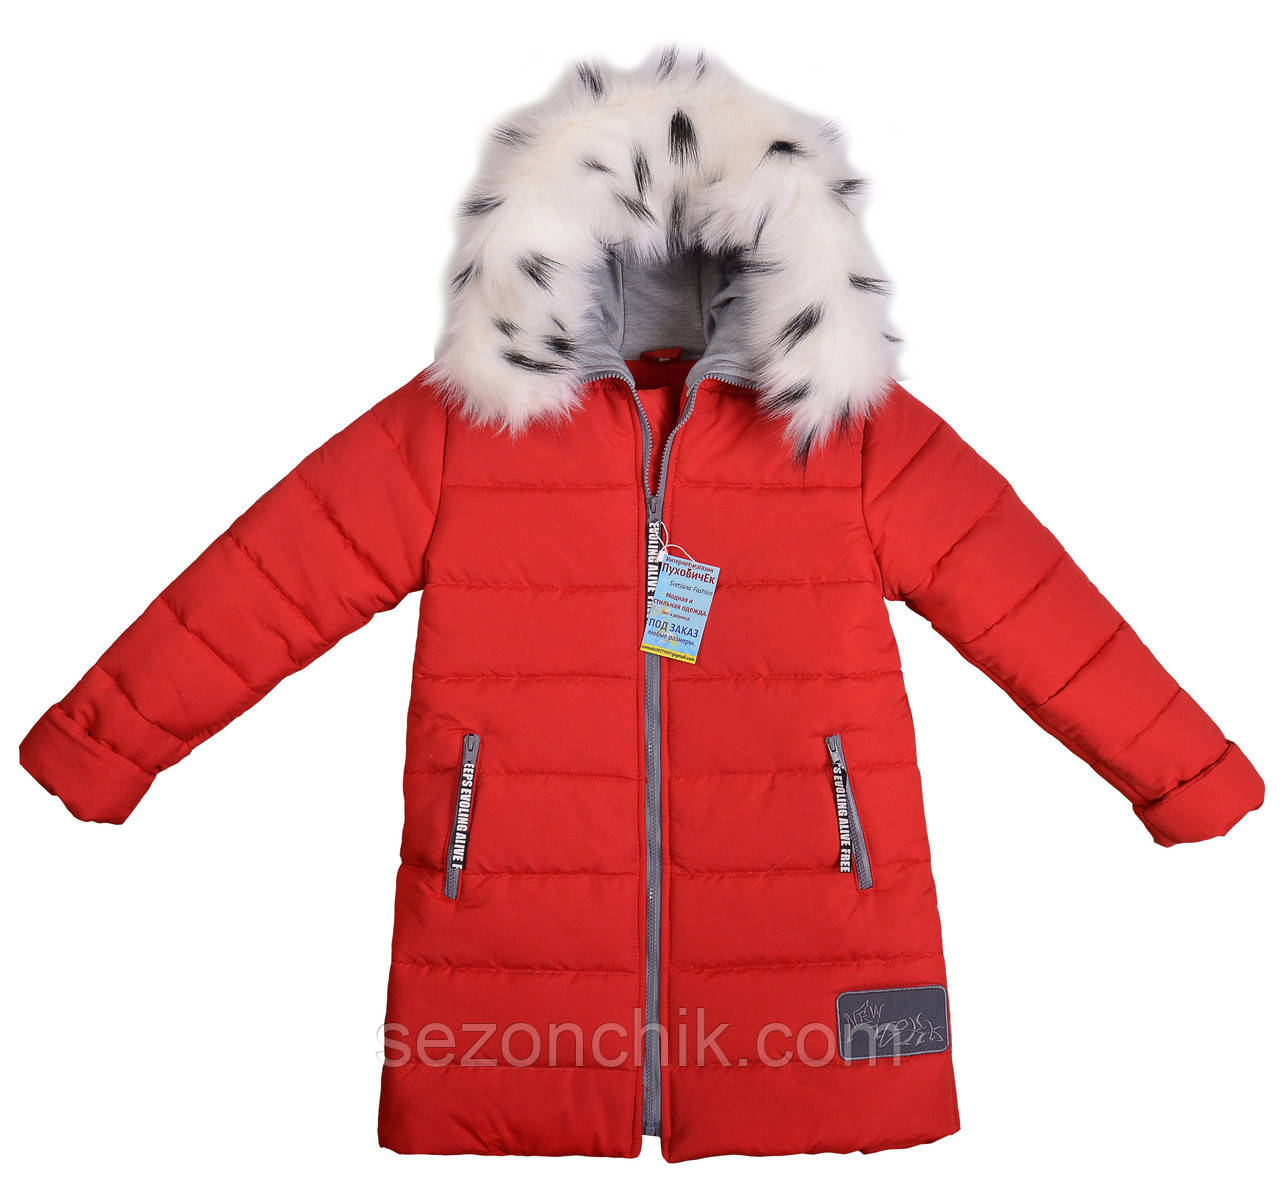 Куртку зимнюю на девочку с мехом от производителя пальто